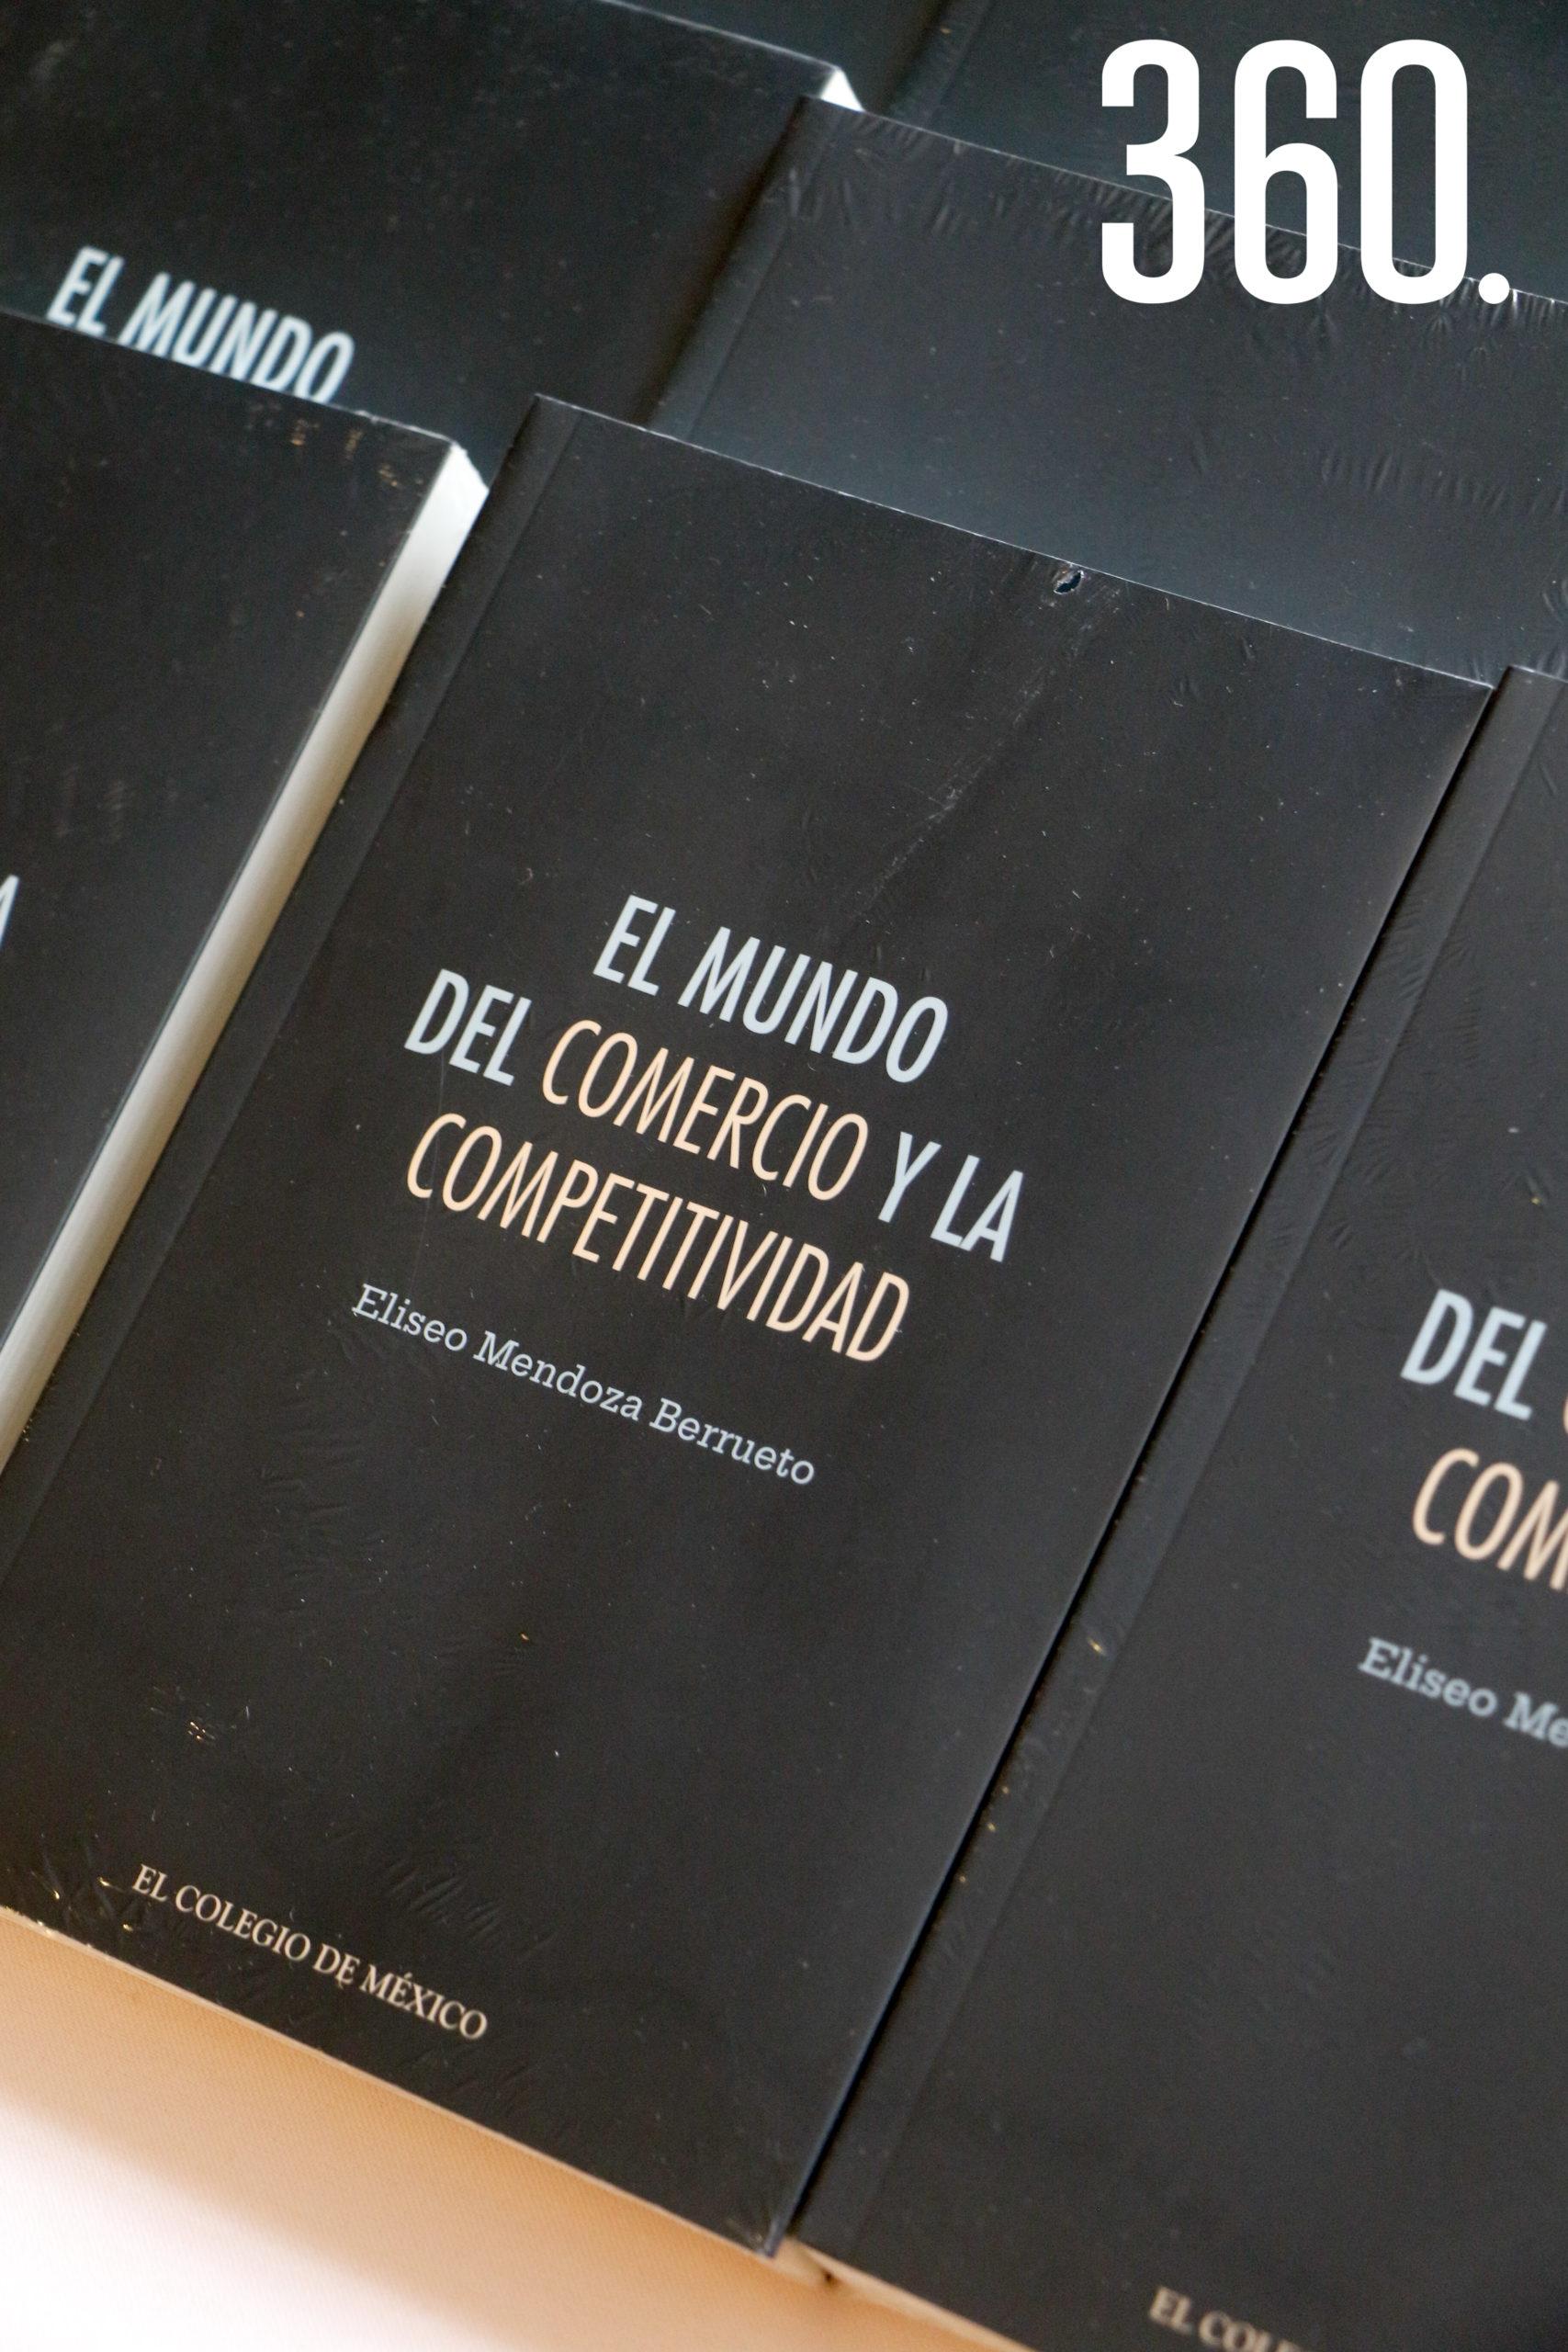 Libro presentado.